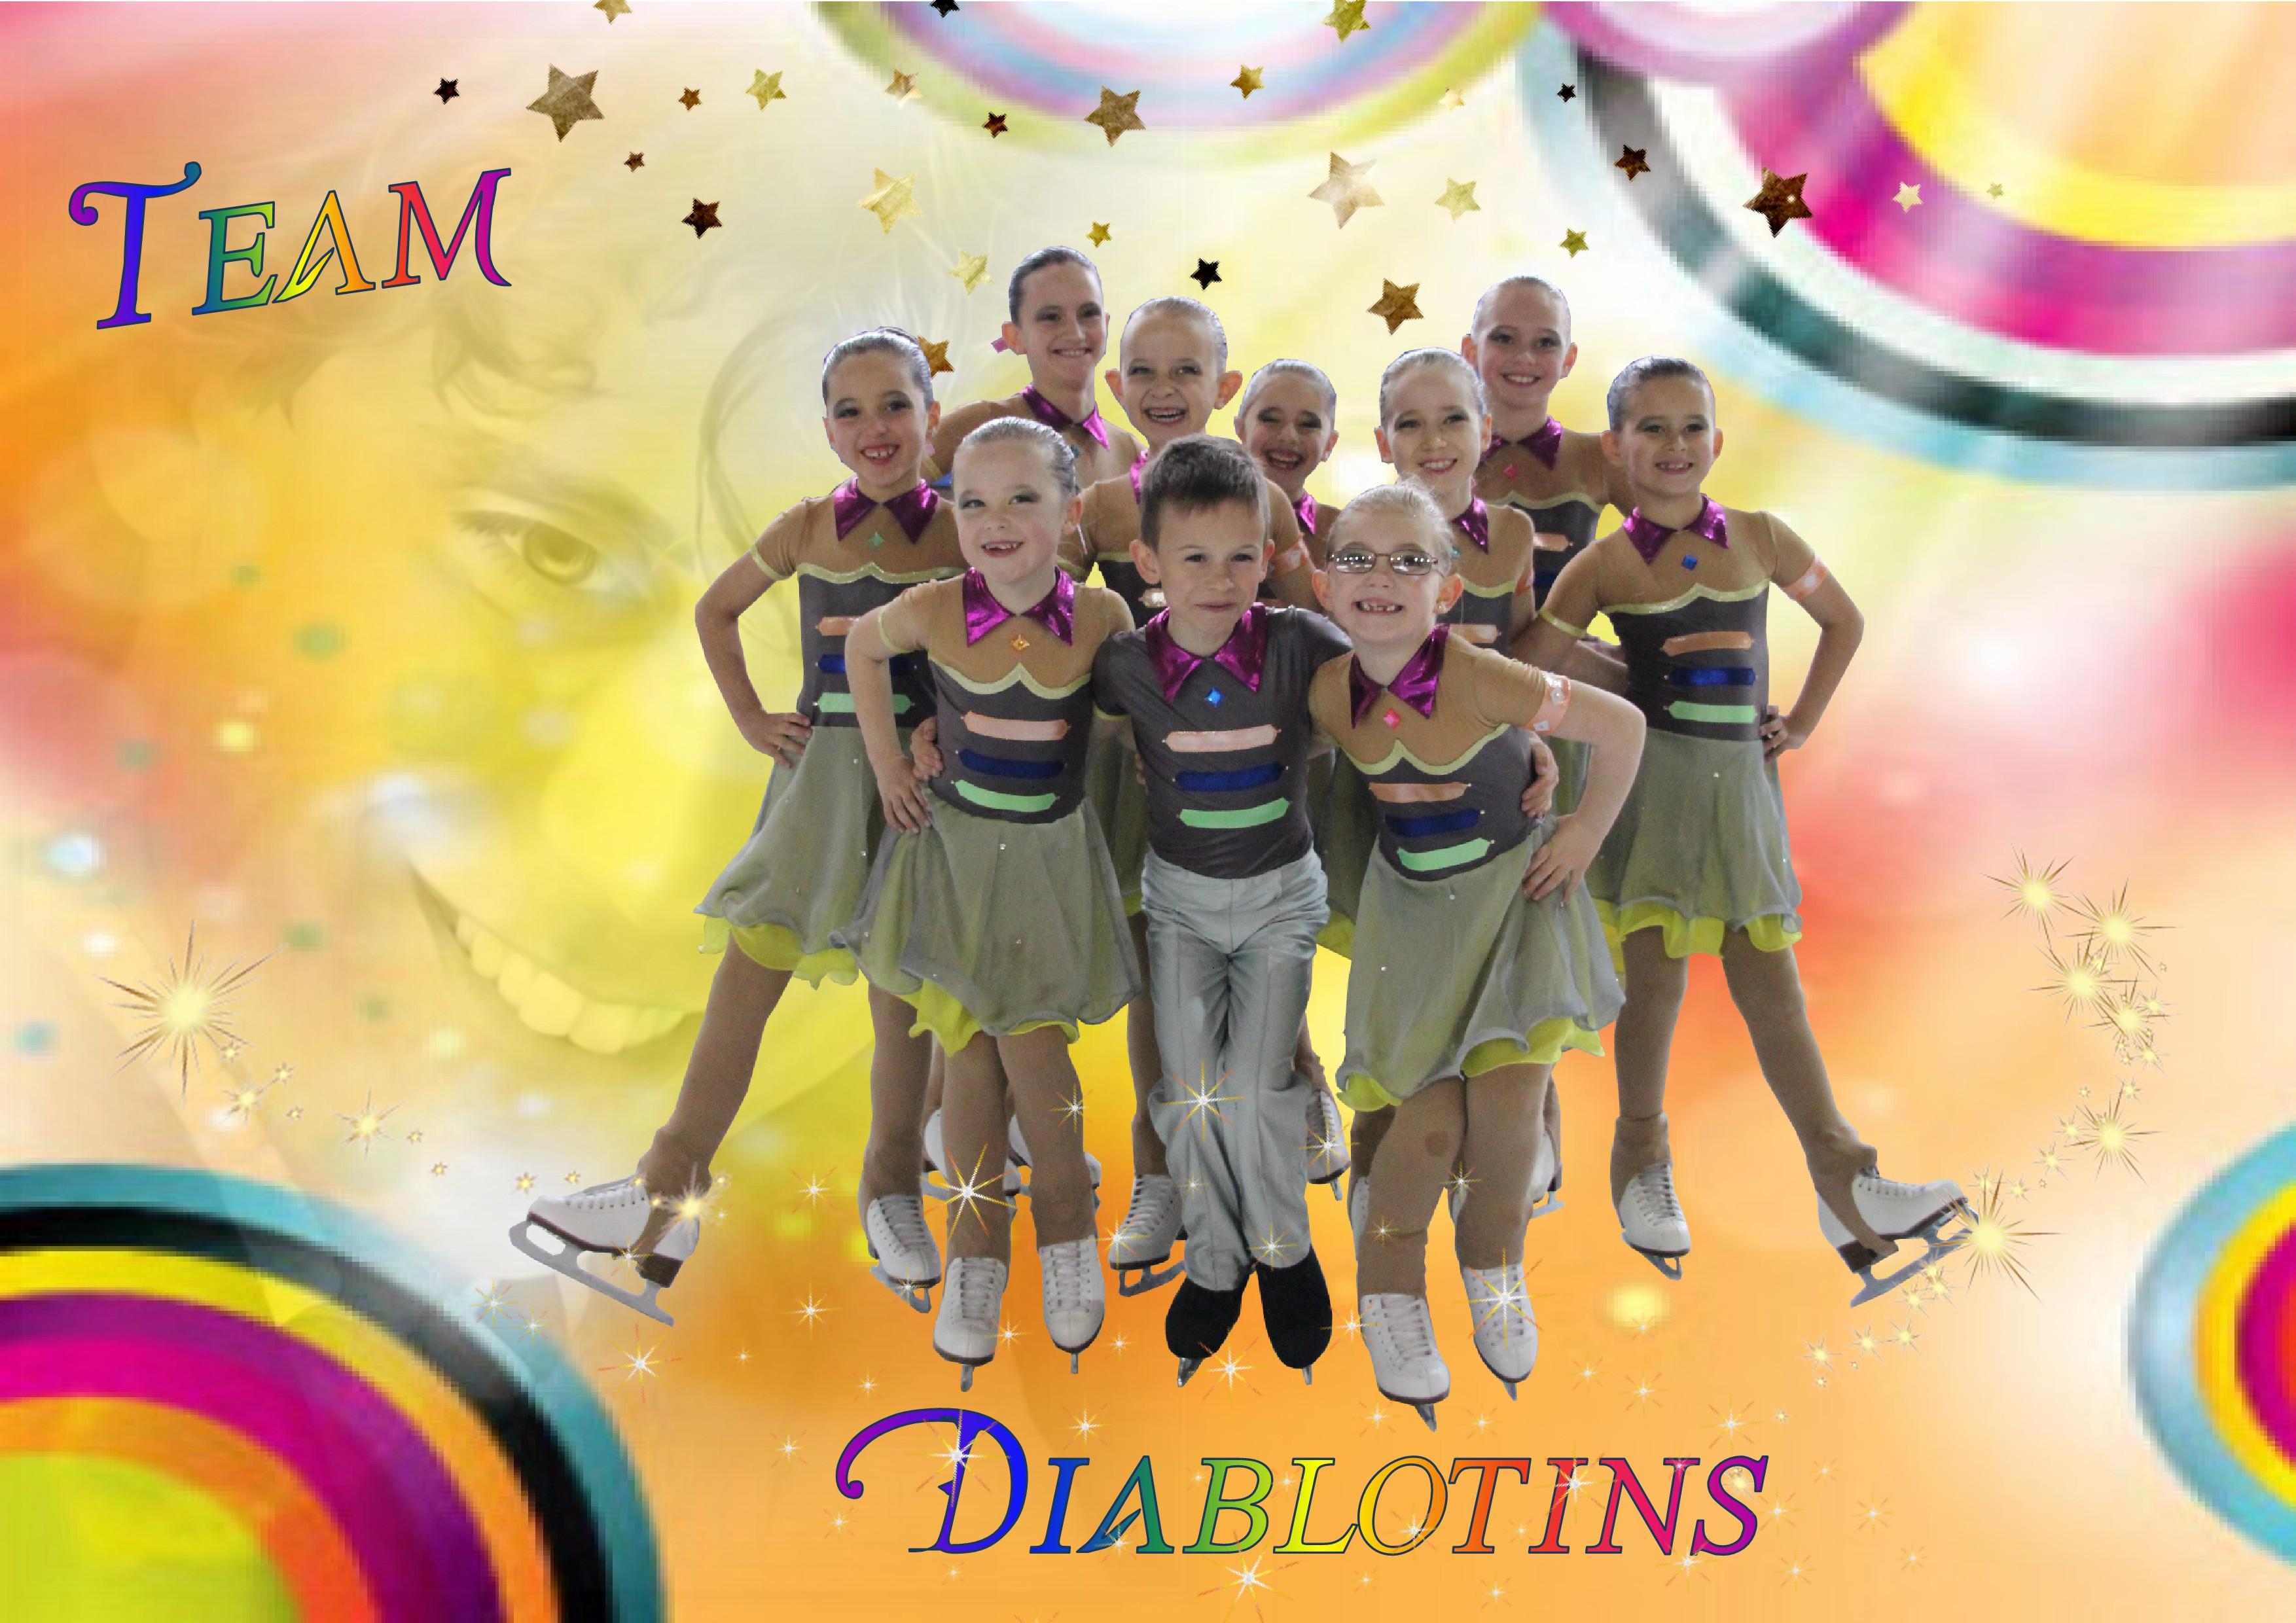 Diablotins